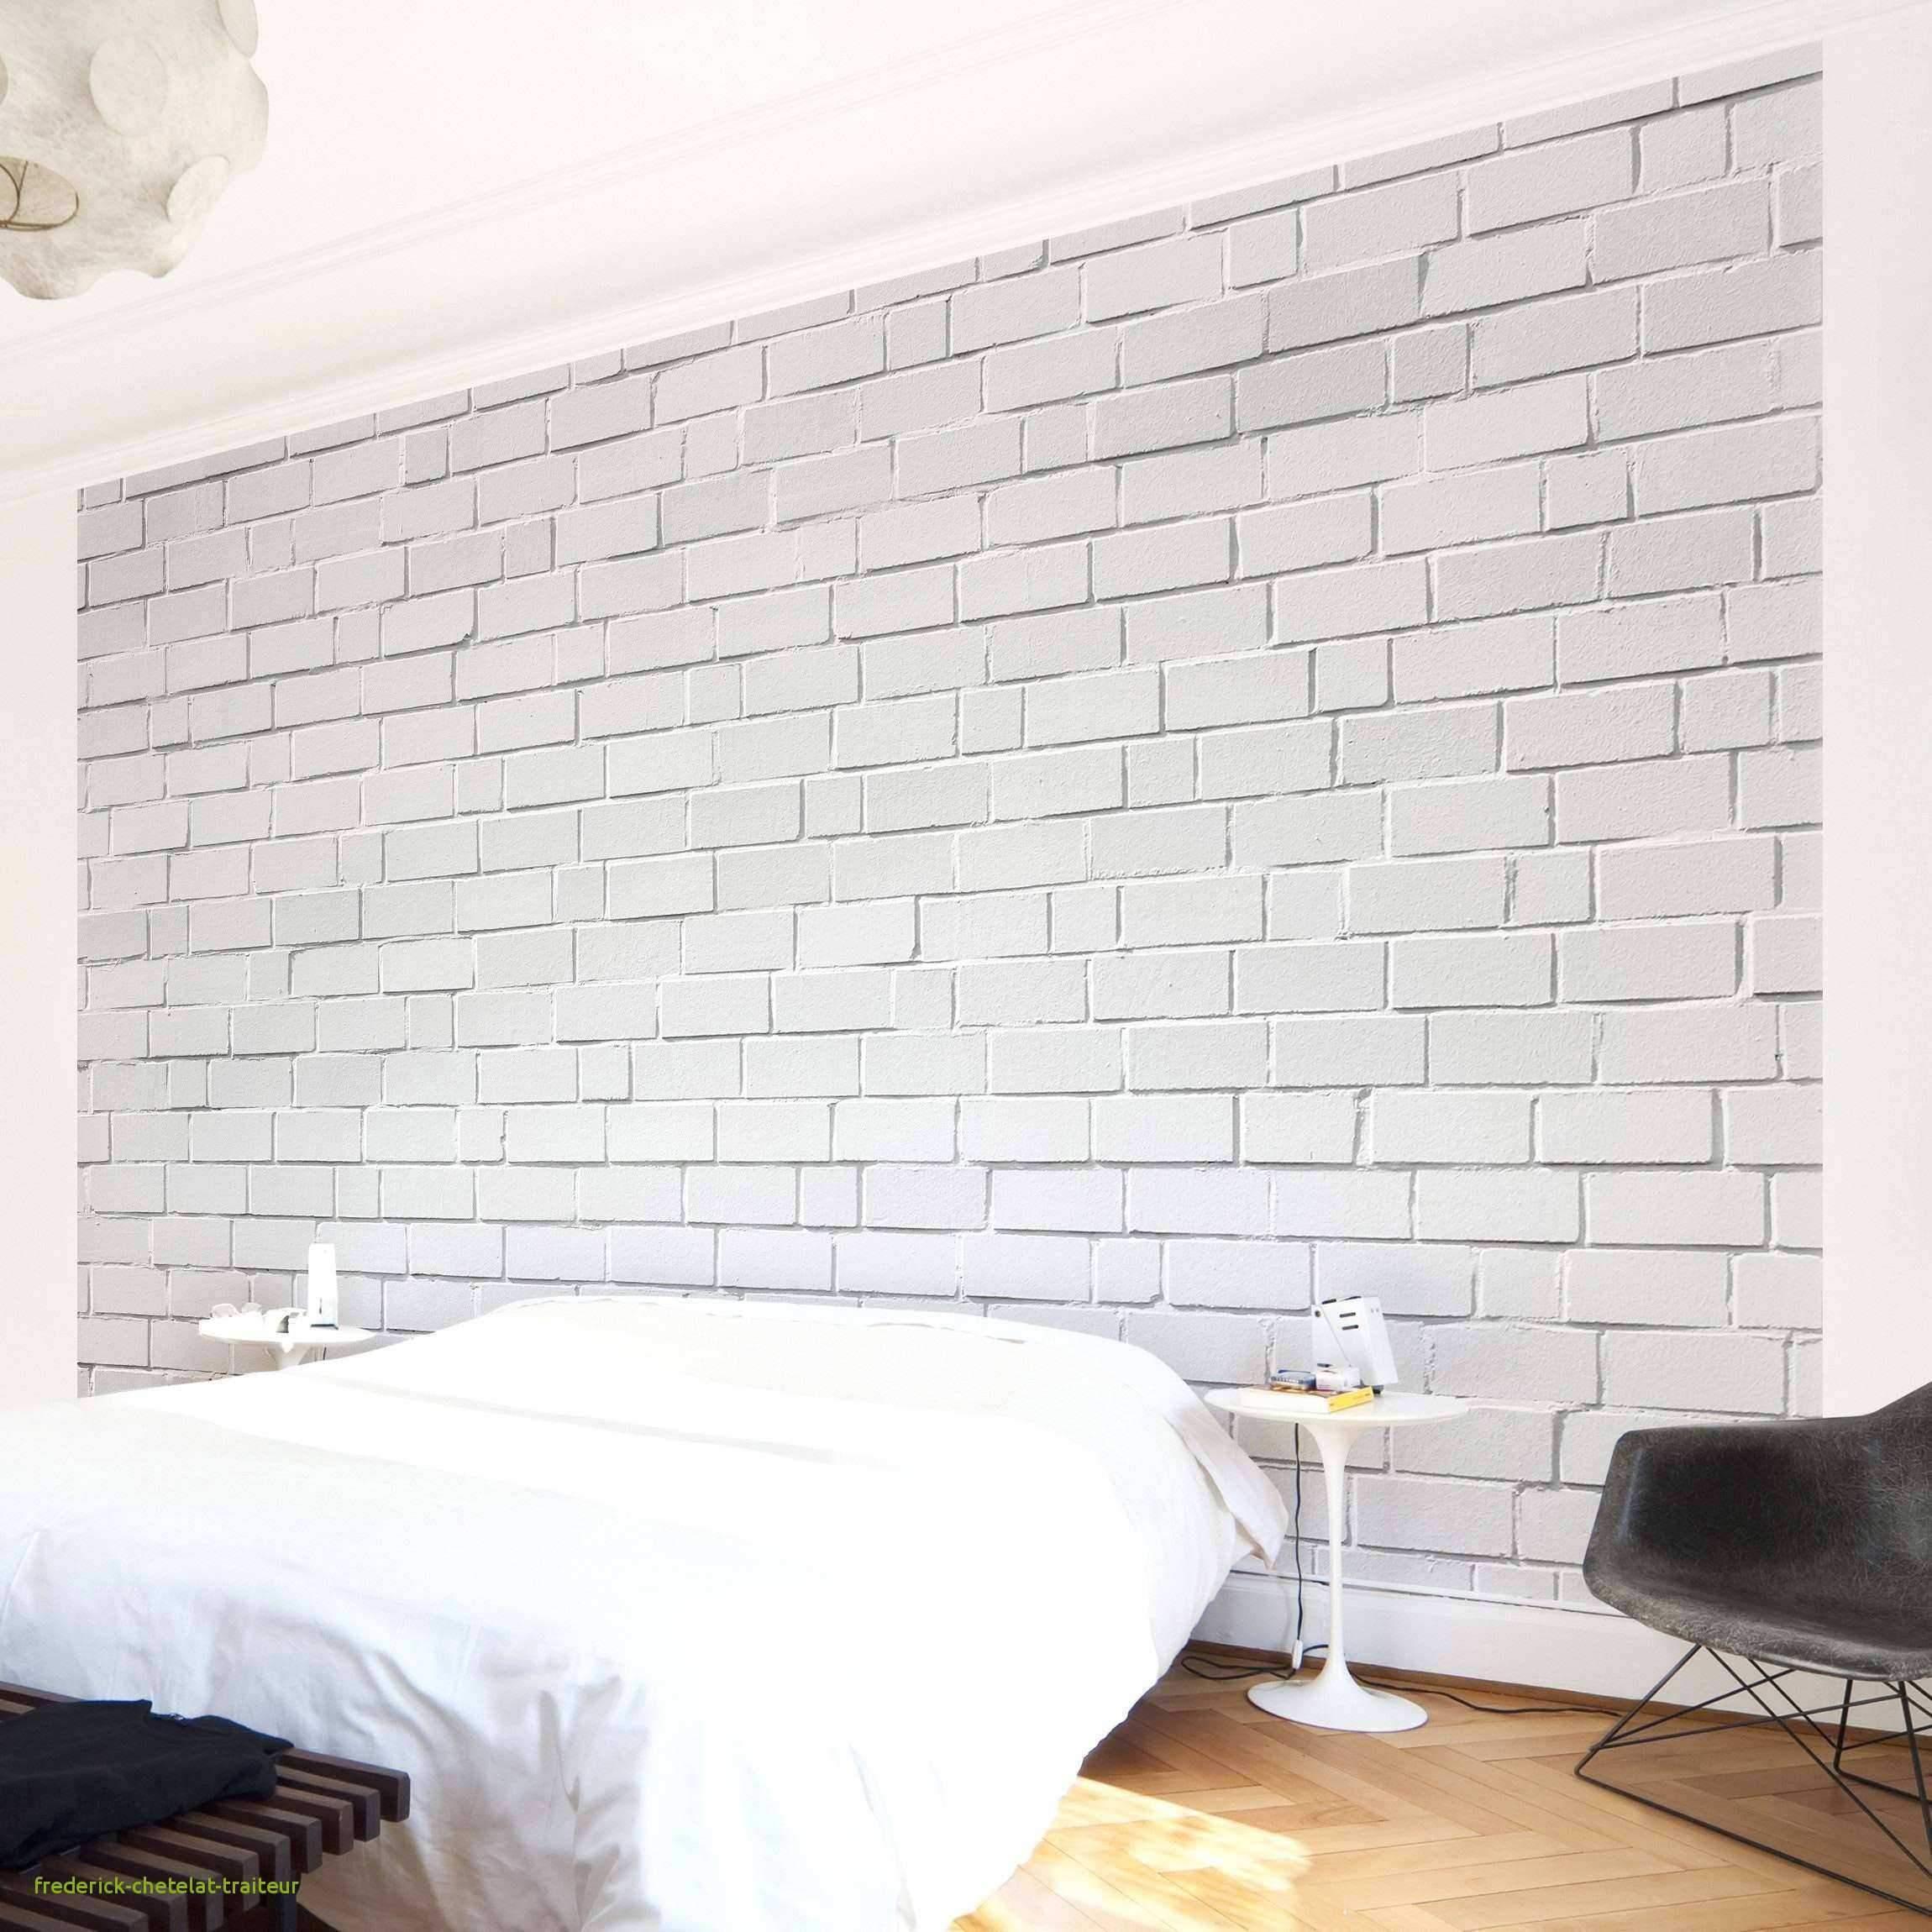 Bauideen Holz Best Of Ideen Für Wohnzimmer Frisch Od Inspiration 3d Wandbilder Aus